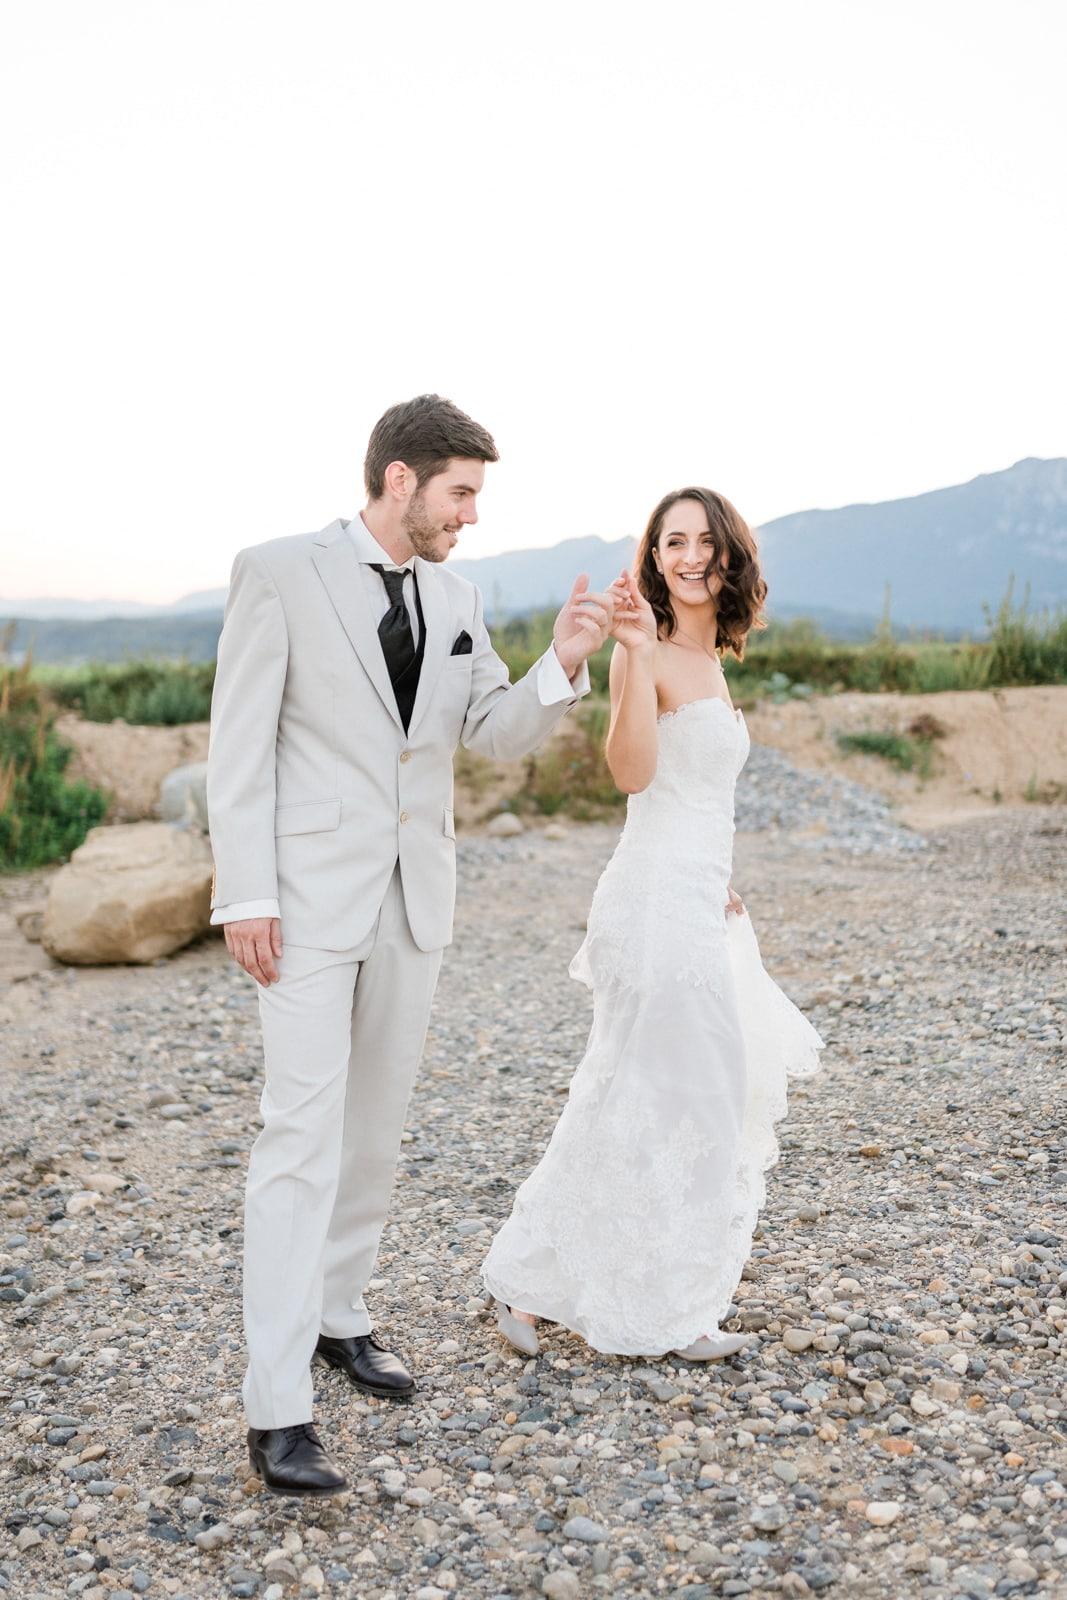 Braut und Bräutigam im Hochzeitskleid und Hochzeitsanzug bei einem After-Wedding Shooting zum Sonnenuntergang nahe Solothurn Schweiz